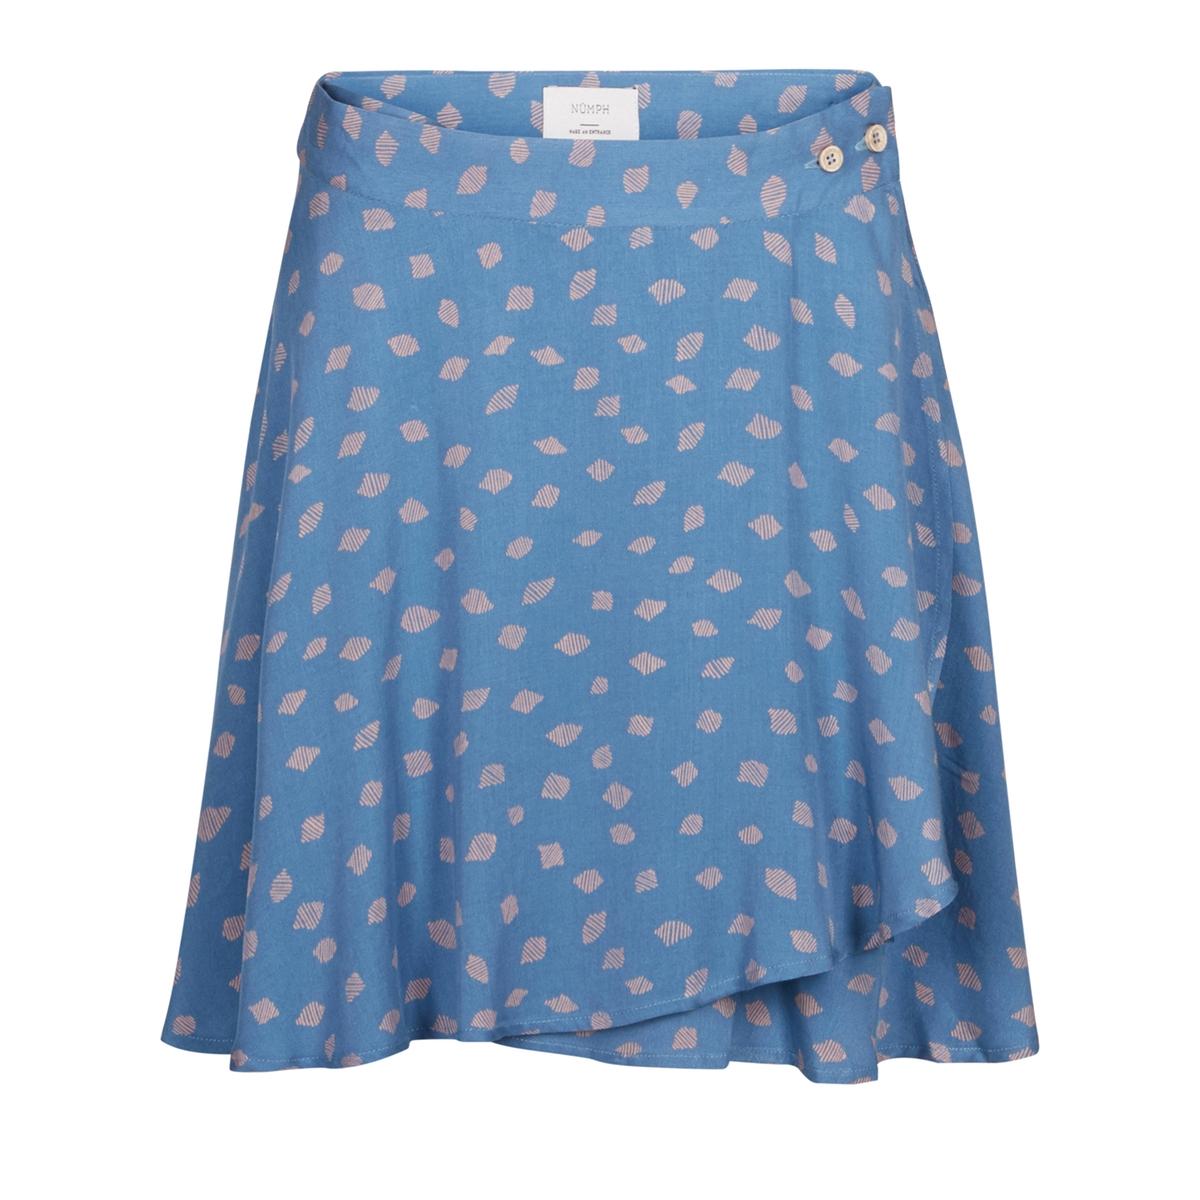 Юбка с запахом и принтомМатериал : 100% вискоза       Рисунок : принт      Длина юбки : короткое<br><br>Цвет: синий/ розовый<br>Размер: 36 (FR) - 42 (RUS)